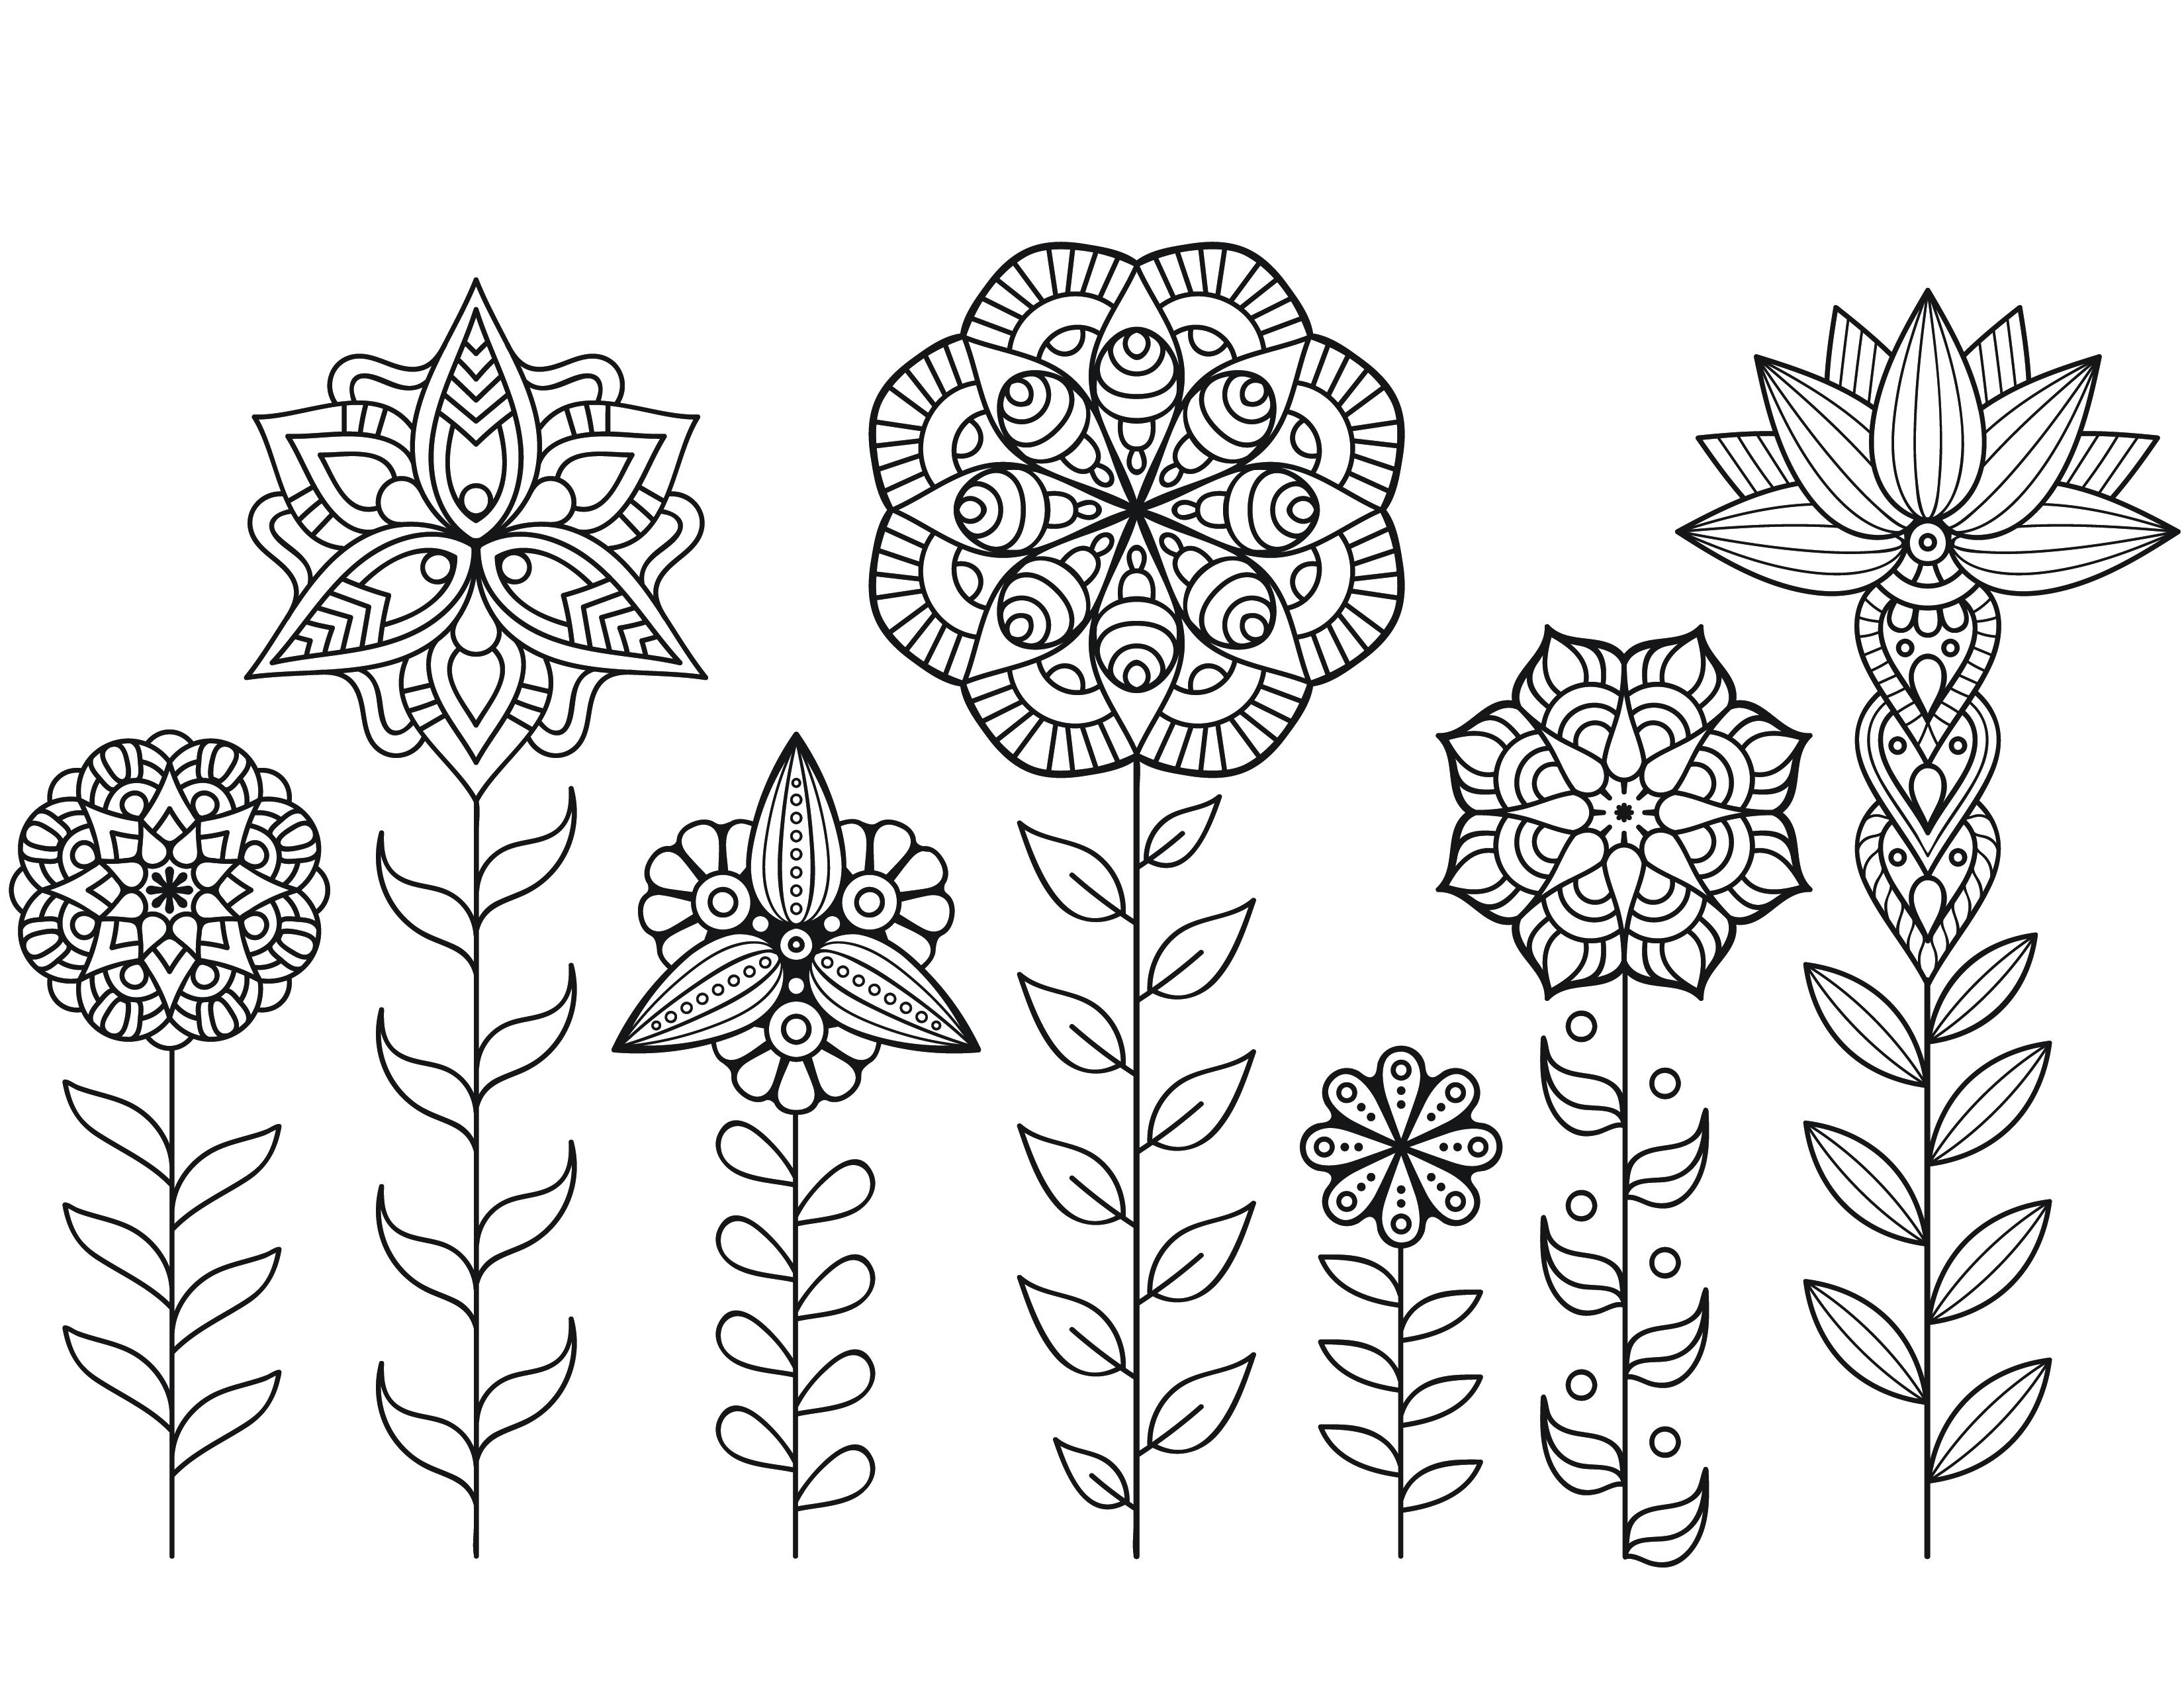 Dessin a imprimer de mandala fleurs automne - Mandala a imprimer gratuit ...